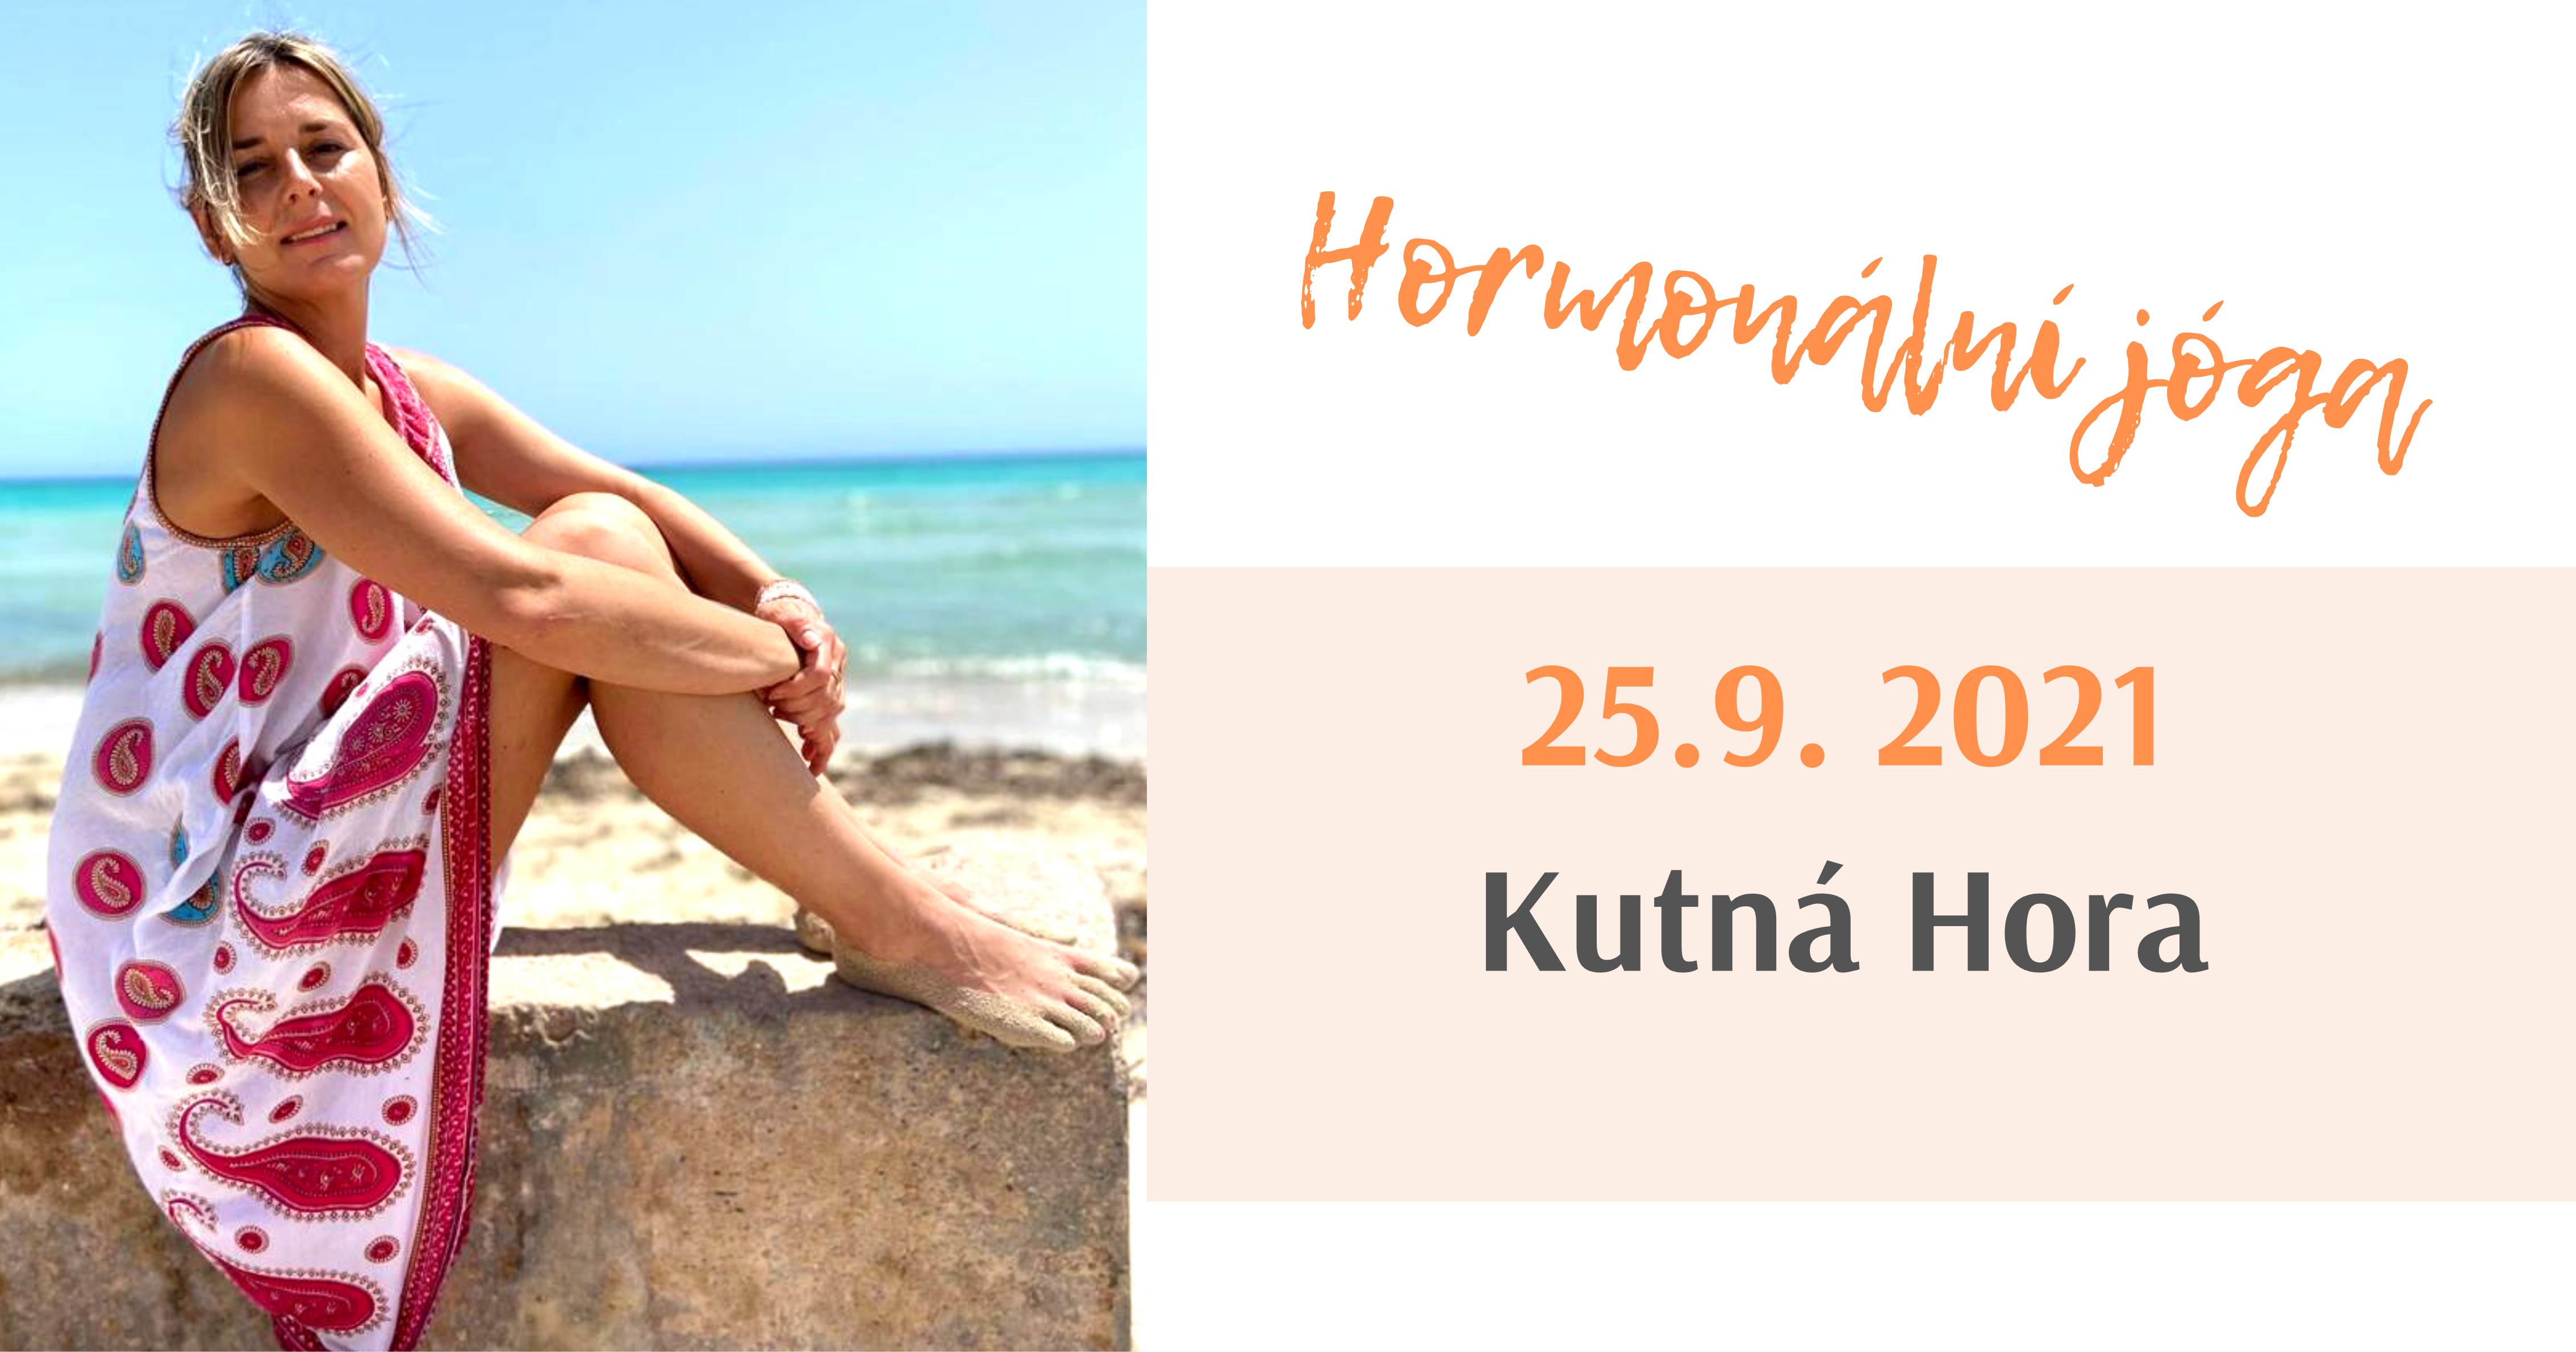 Jednodenní kurz Hormonální jógy - Kutná Hora